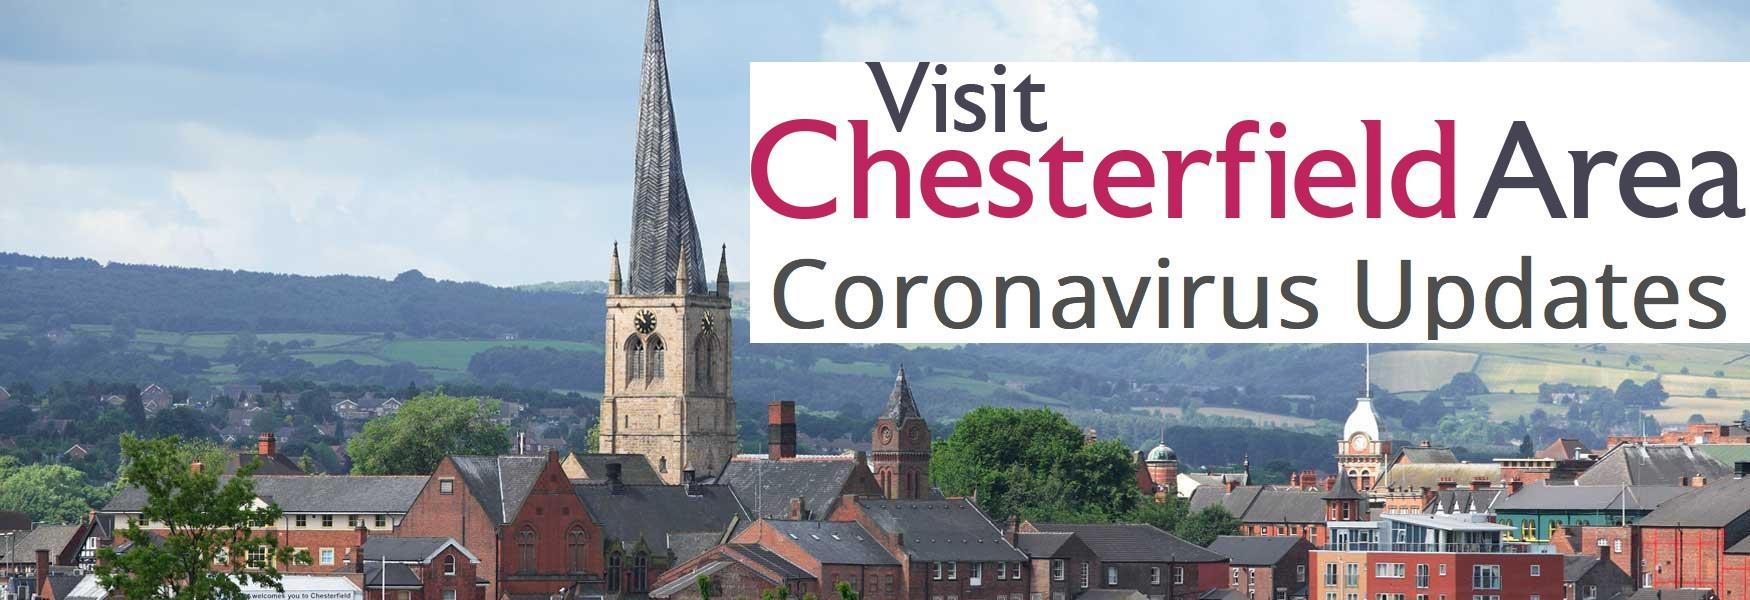 Visit Chesterfield Area. Coronavirus Updates.